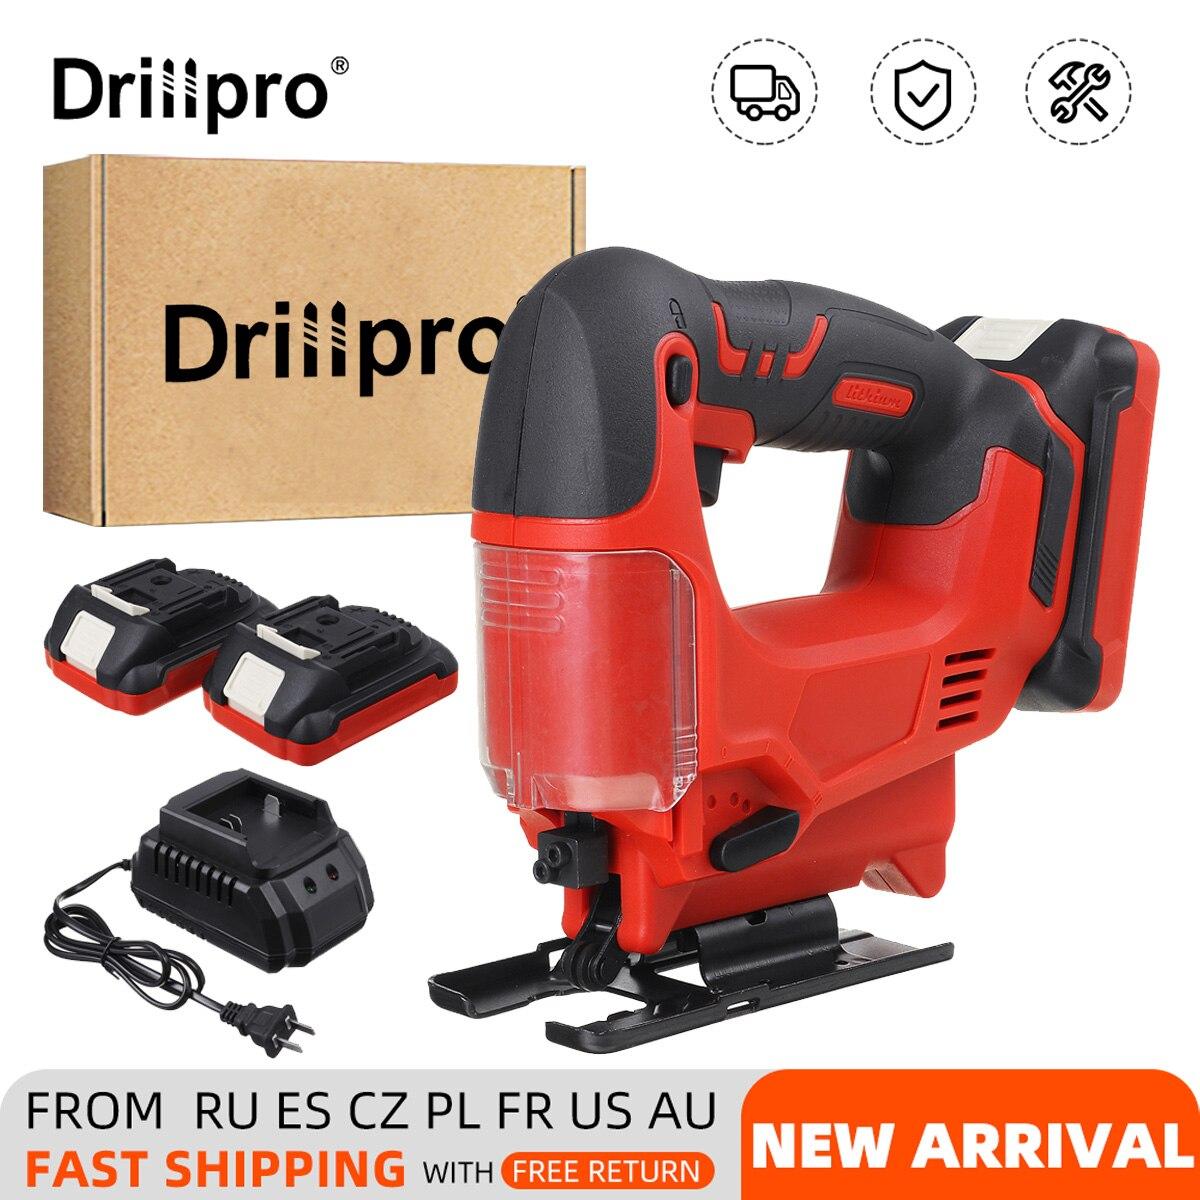 Drillpro 21 فولت 65 مللي متر الكهربائية بانوراما اللاسلكية الرقصة المنشار المحمولة ميتري المنشار المحمولة النجارة أدوات كهربائية لبطارية ماكيتا ...